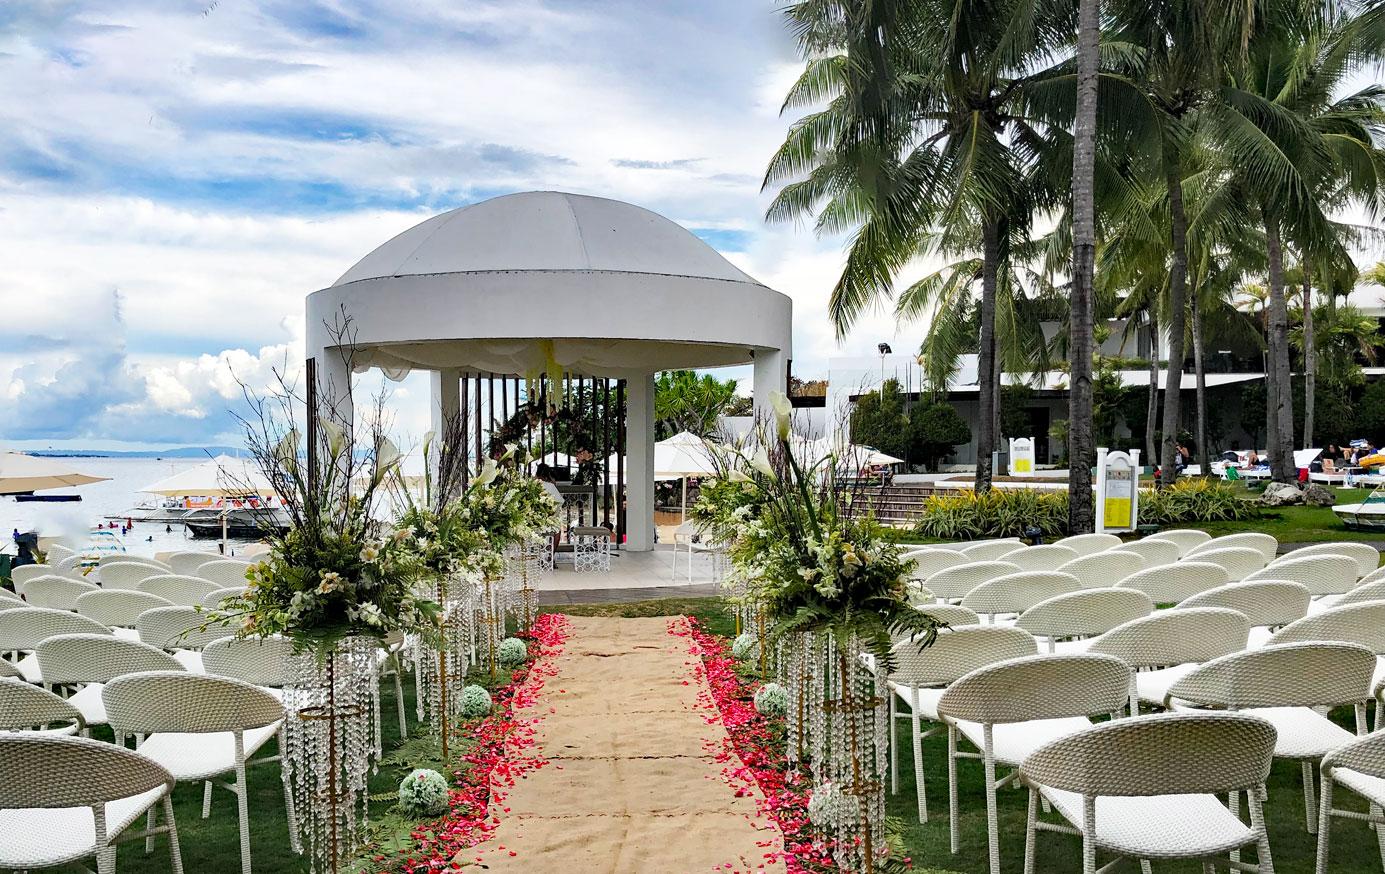 セブ島結婚式 セブ島挙式会場 セブ島ウエディング セブ島モーベンピック